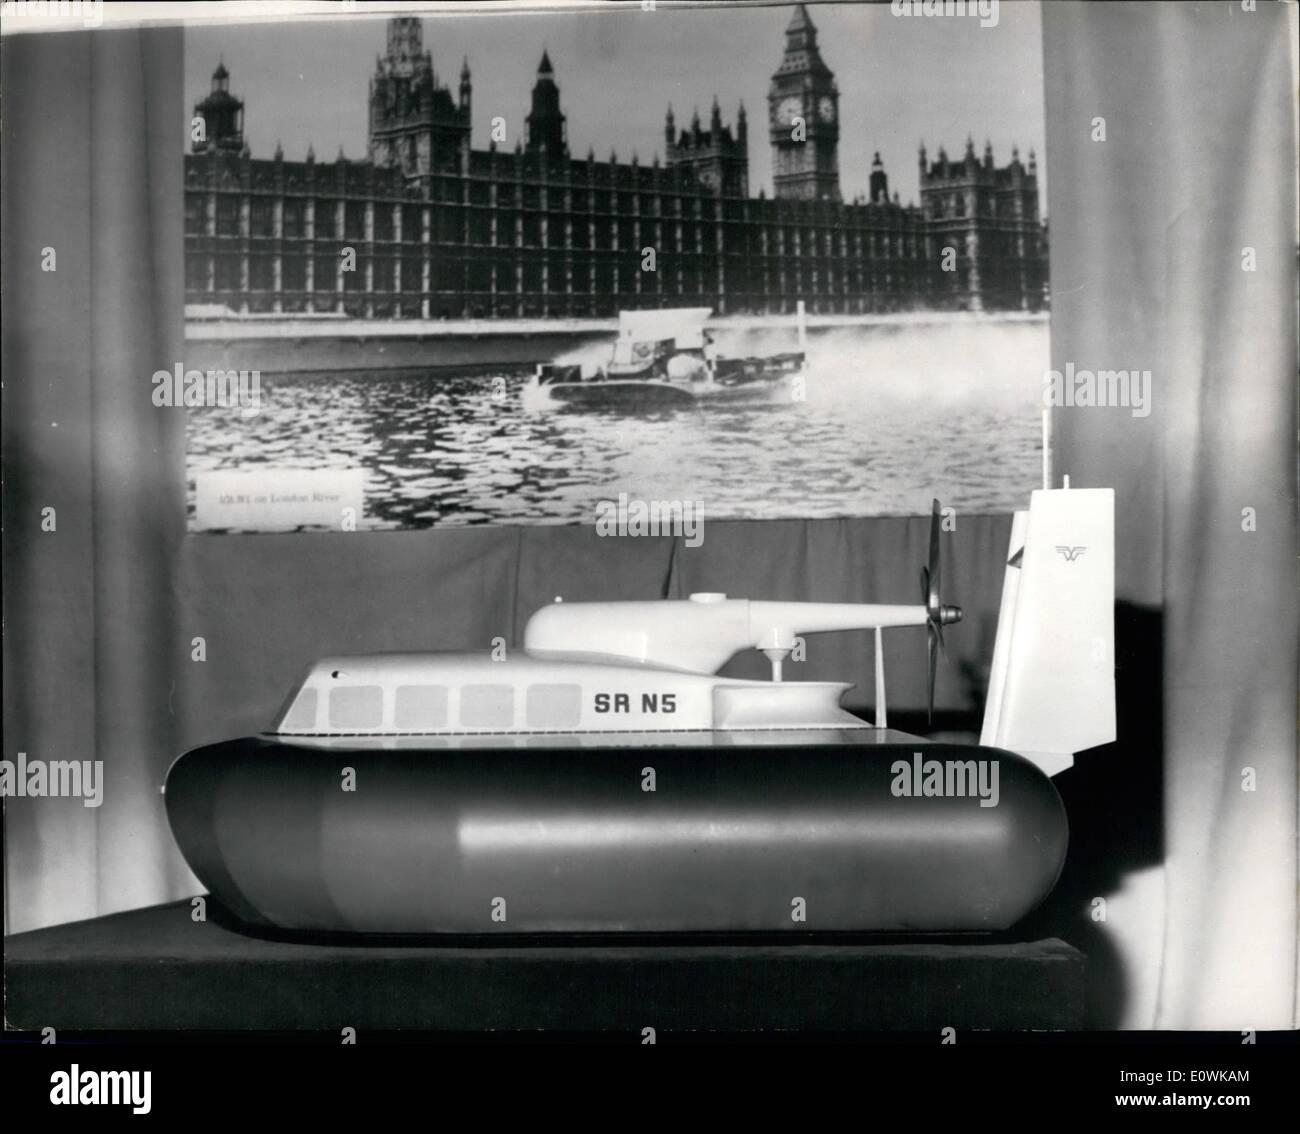 4. April 1963 - wichtige Durchbruch im Hovercraft Entwicklung: der Westland Aircraft Company haben angekündigt, einen wichtigen Durchbruch bei der Entwicklung ihrer Hovercraft. Sie wurden entwickelt, einen flexible '' Rock '' aus Gummi, die es ihr ermöglichen, über viel größere feste Hindernisse, Gräben und mehr besonders größeren Wellen zu reiten, ohne die Leistung zu erhöhen. Diese Entwicklung bedeutet eine große Verbesserung in das Potenzial dieser Schiffe und durch die erhöhte Leistung, die ohne Zusatz zum Gewicht genutzt werden kann... Kosten werden erheblich reduziert werden können Stockbild